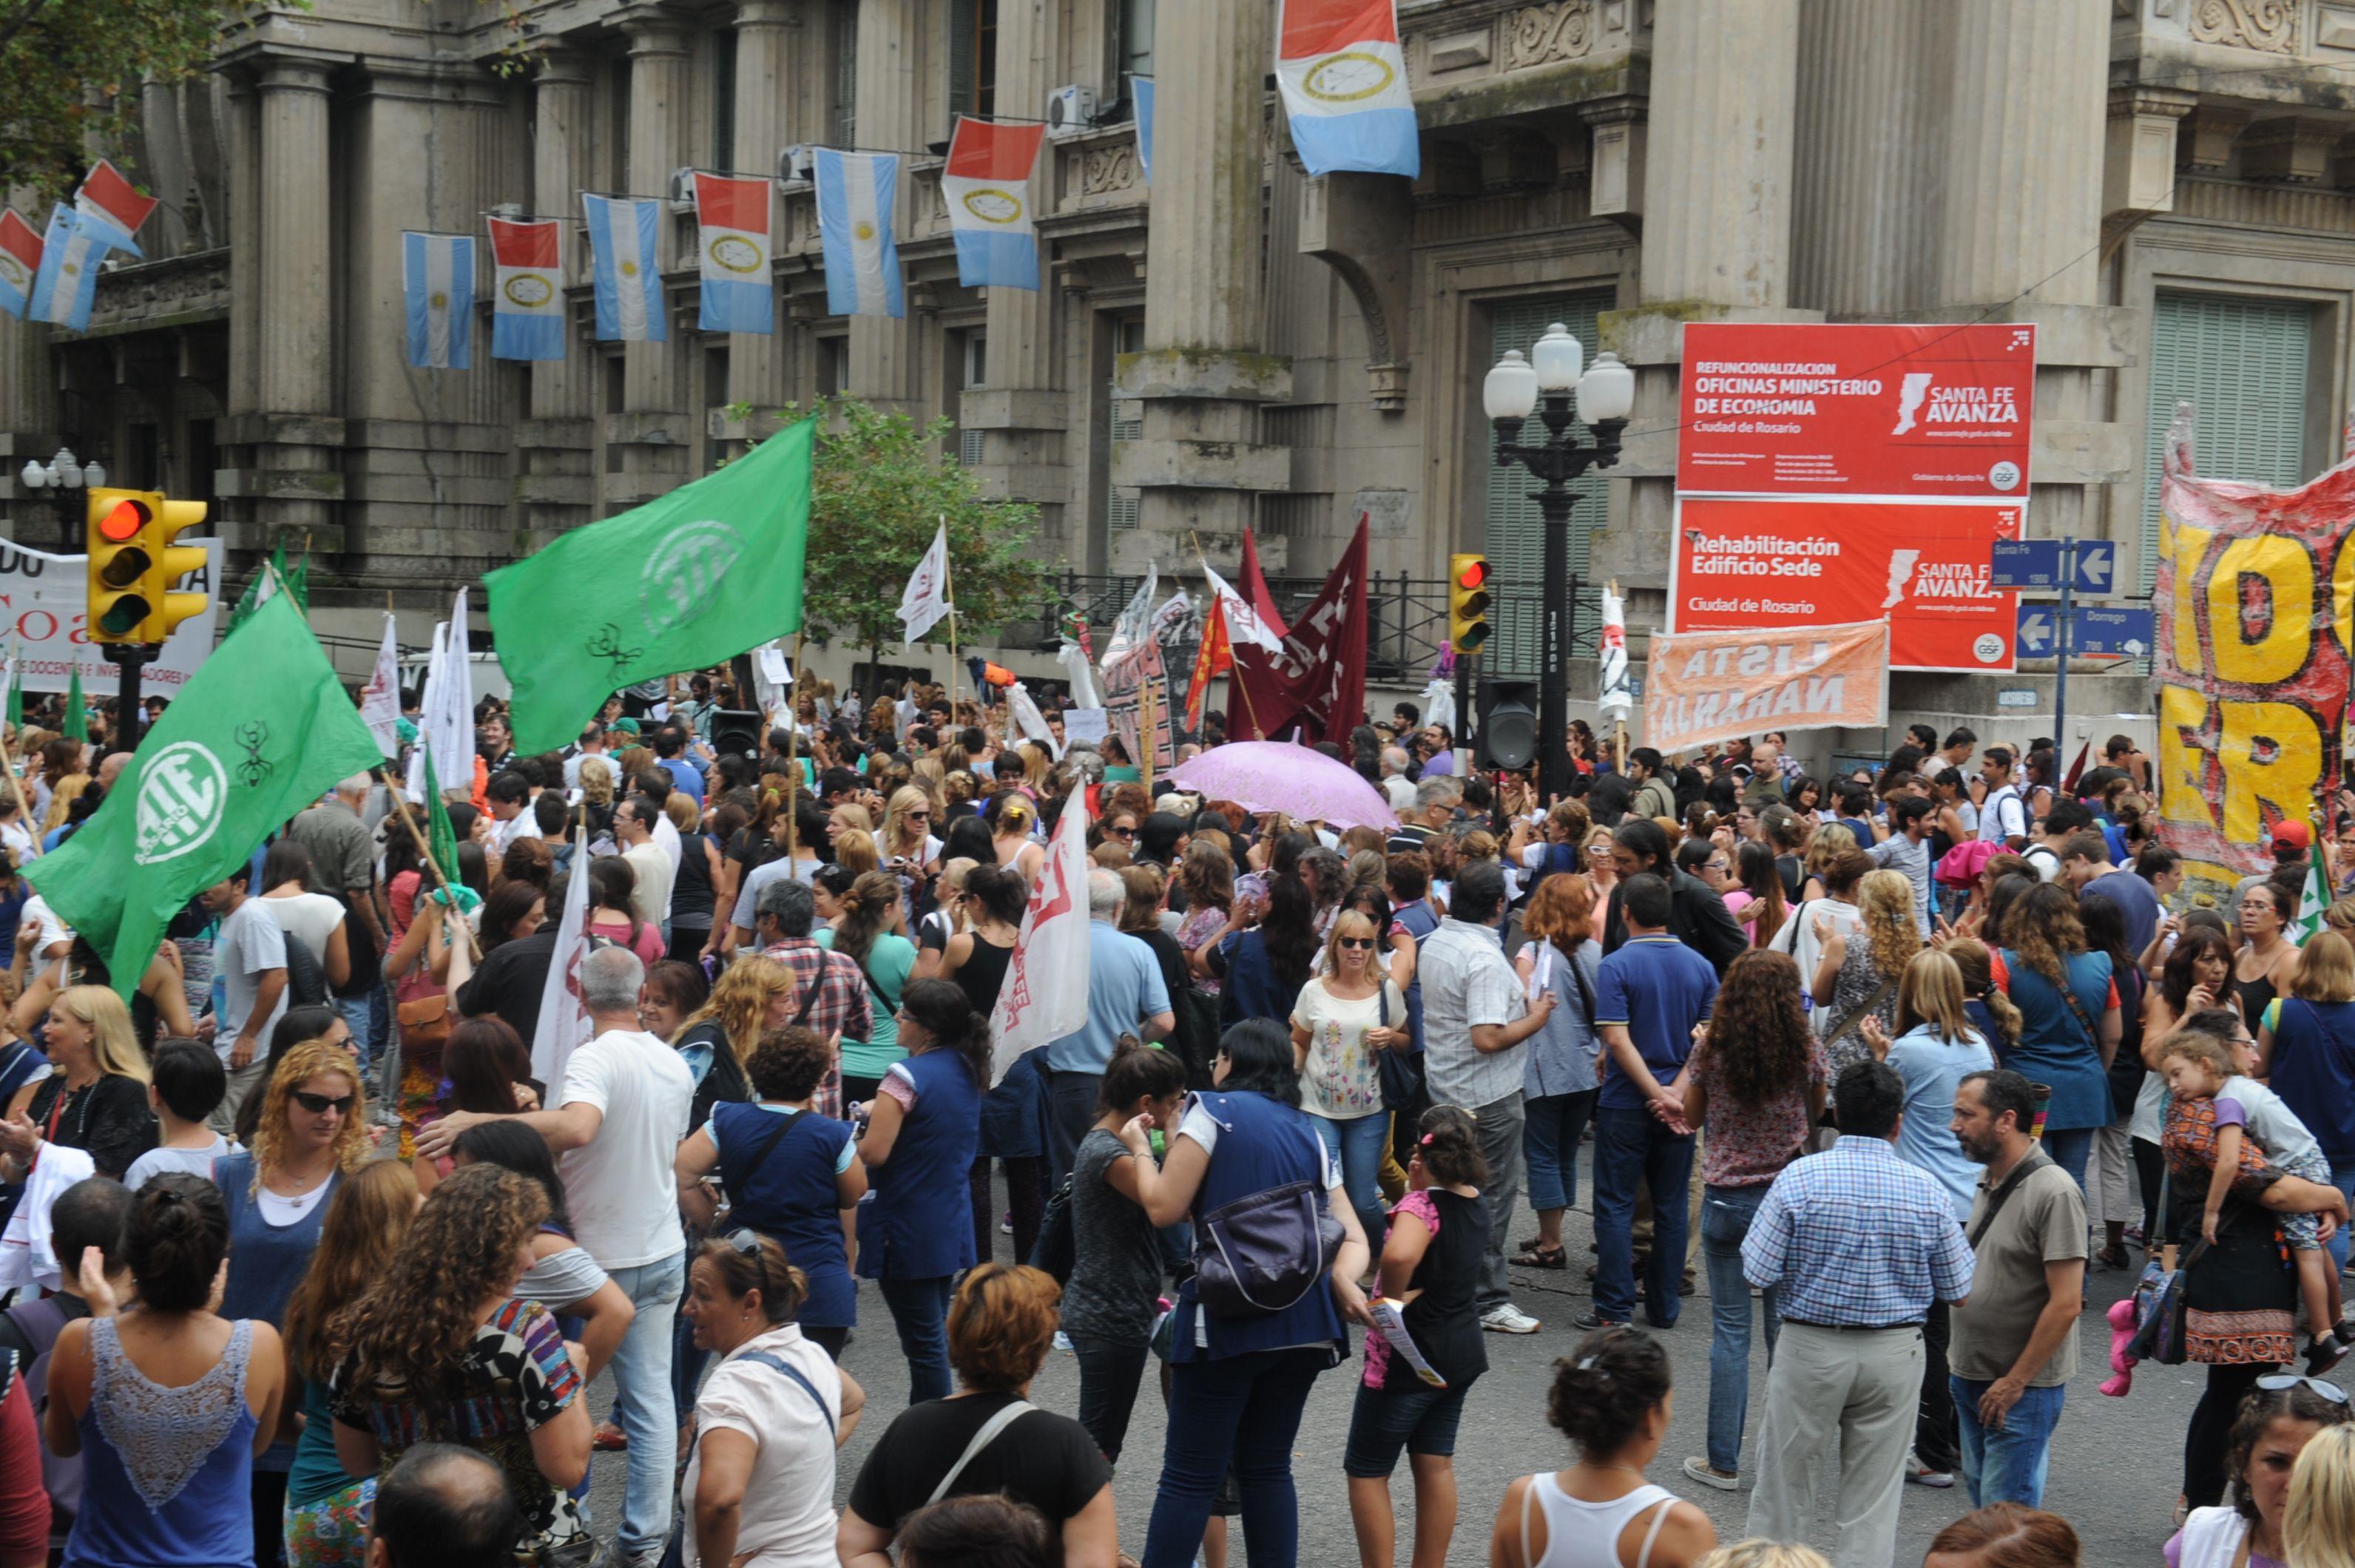 Los docentes rechazaron la oferta salarial. Ya hicieron dos días de paro  y harán dos más esta semana. (Foto: F. Guillén)